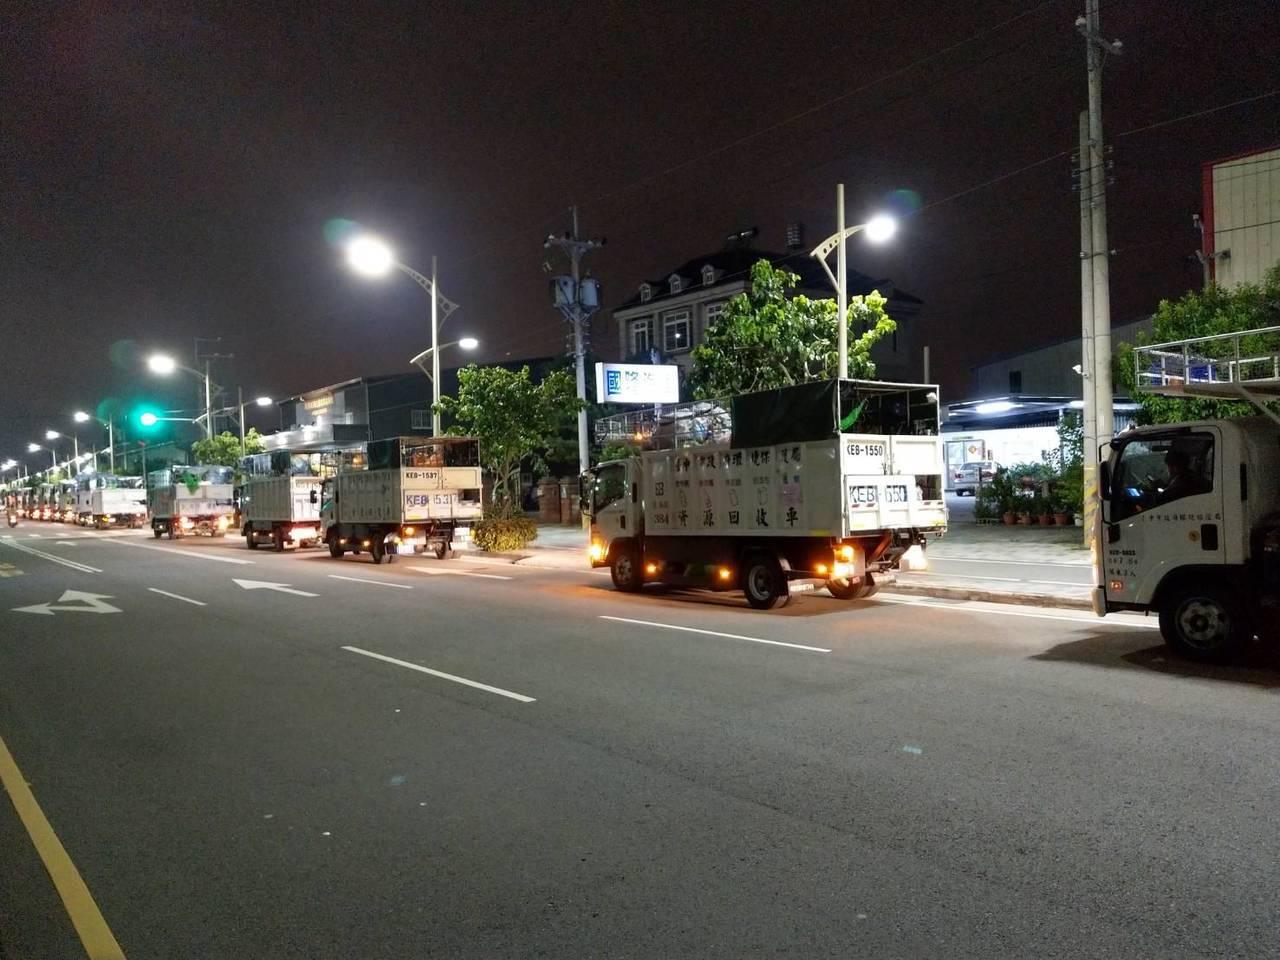 台中市清潔隊員投訴,資源回收物爆量,車輛大排長龍進不了回收廠;環保局說是回收車同...